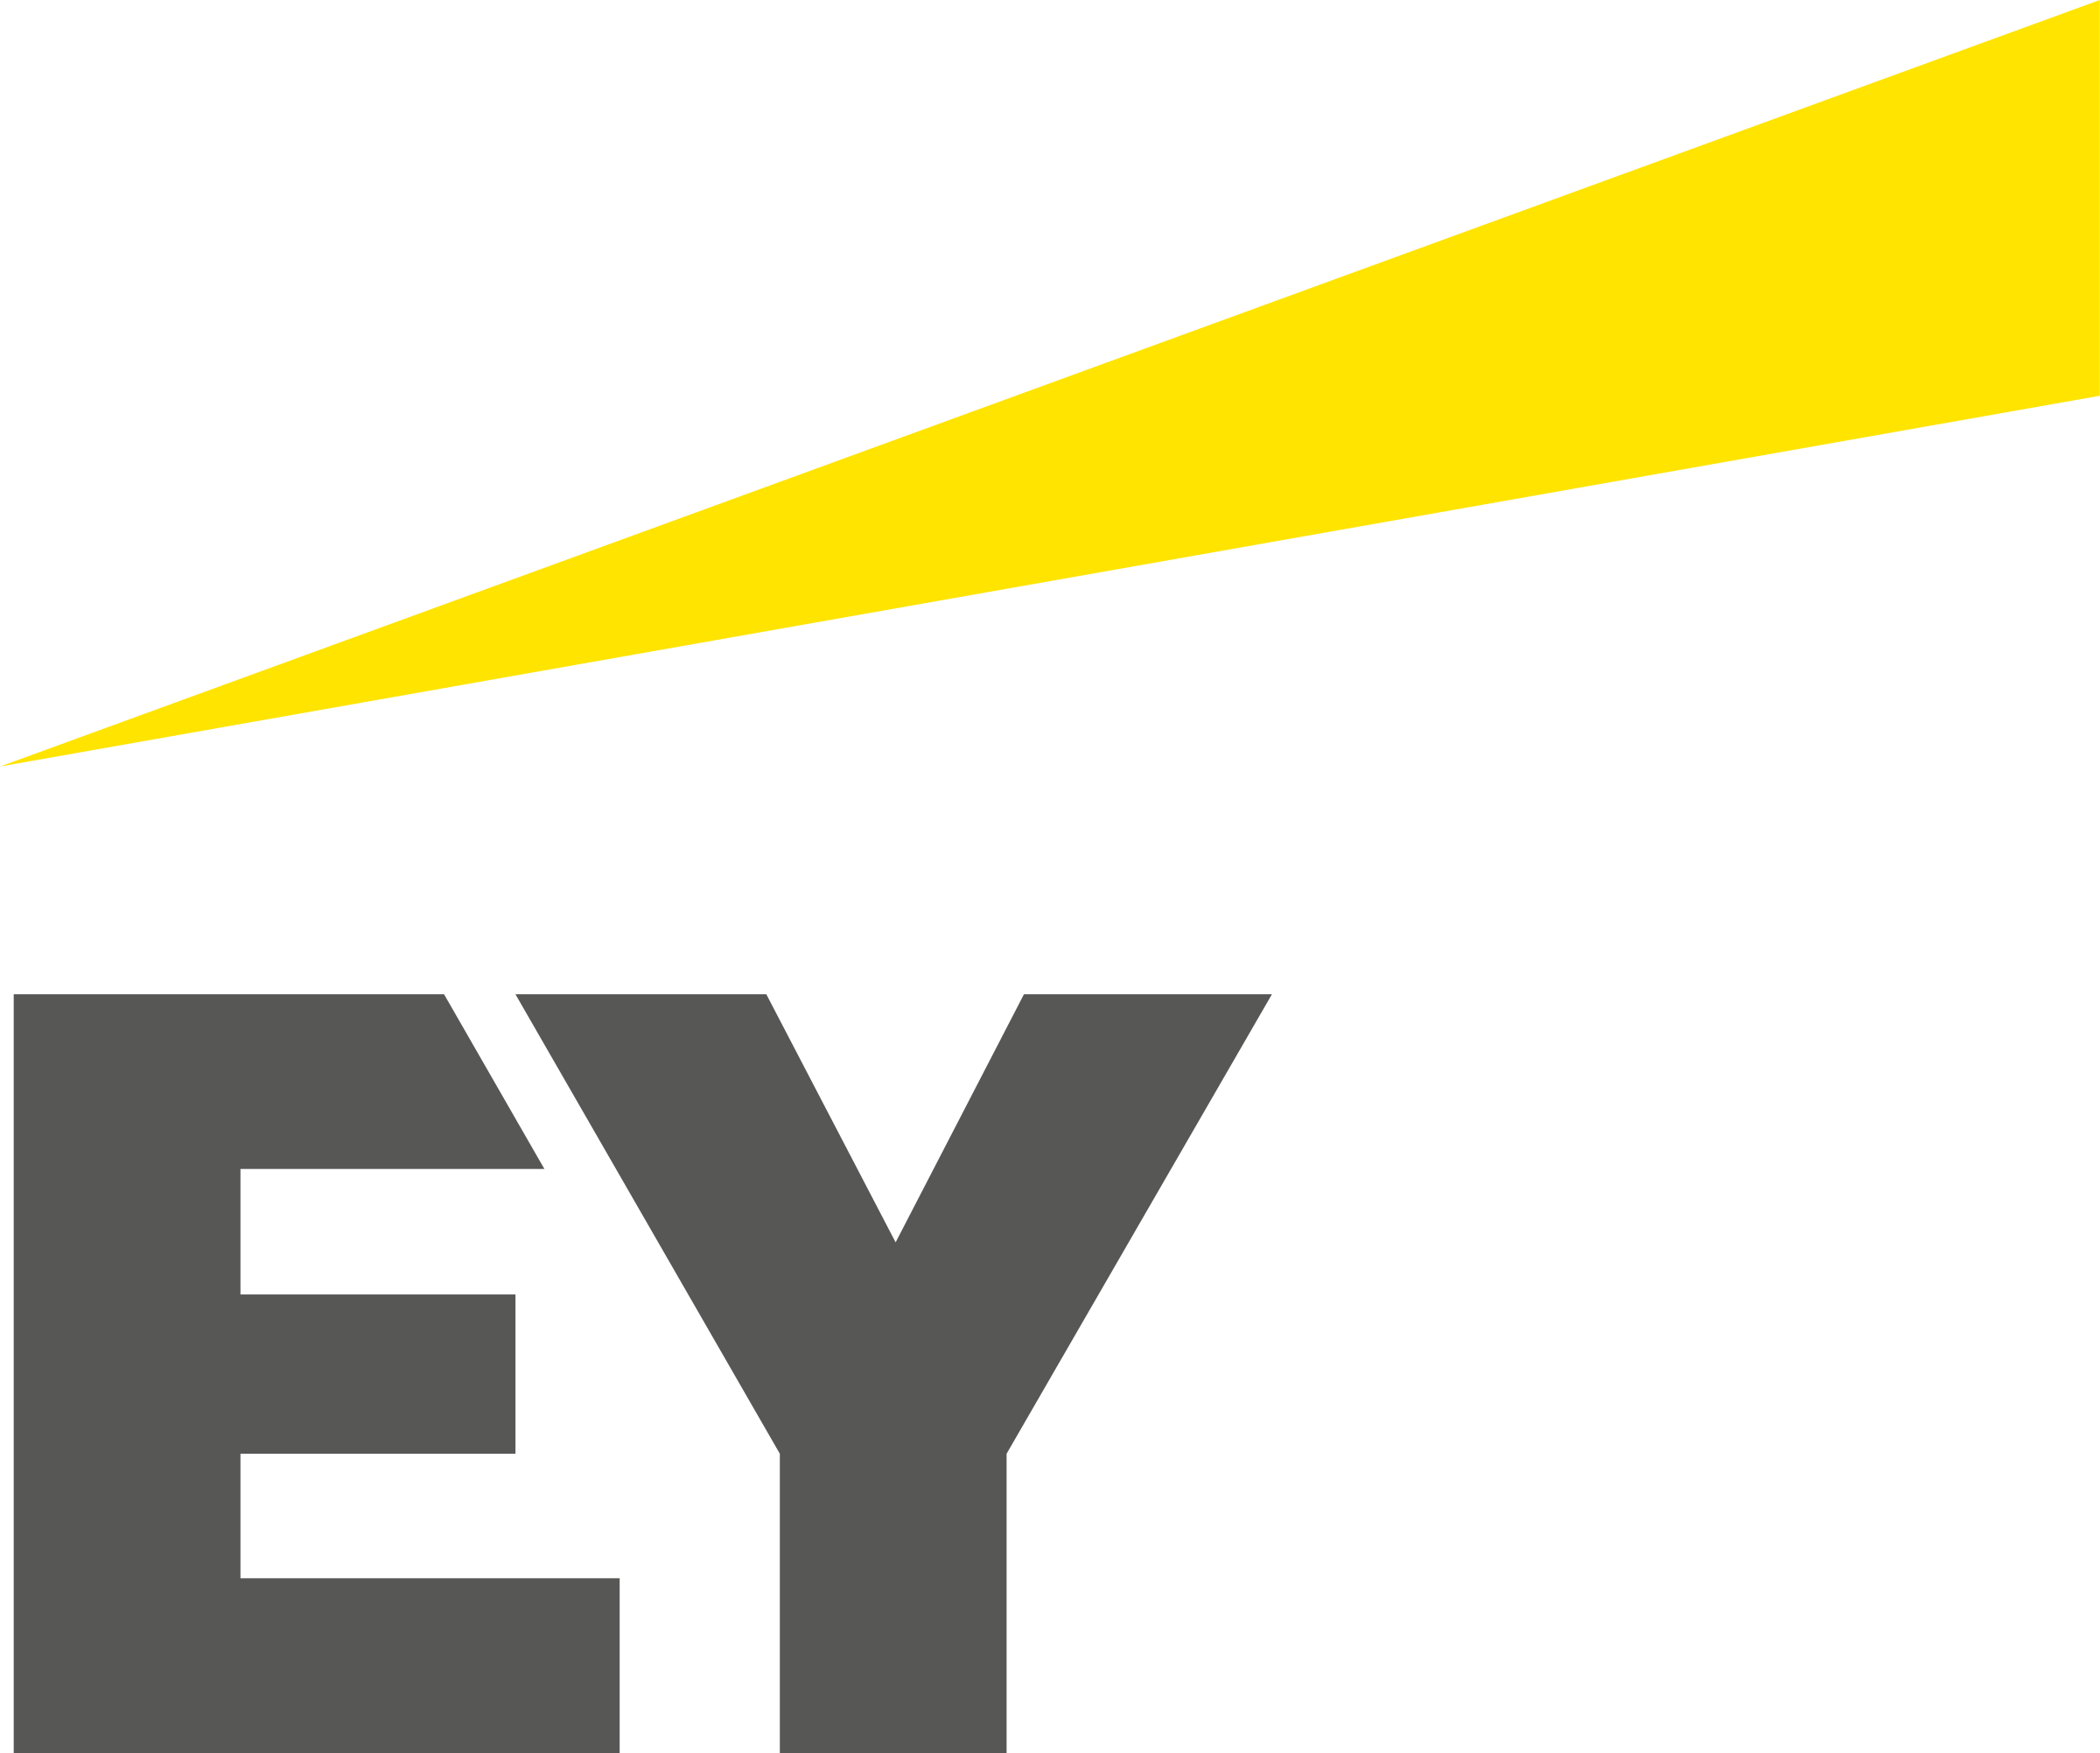 logo - ey - 01